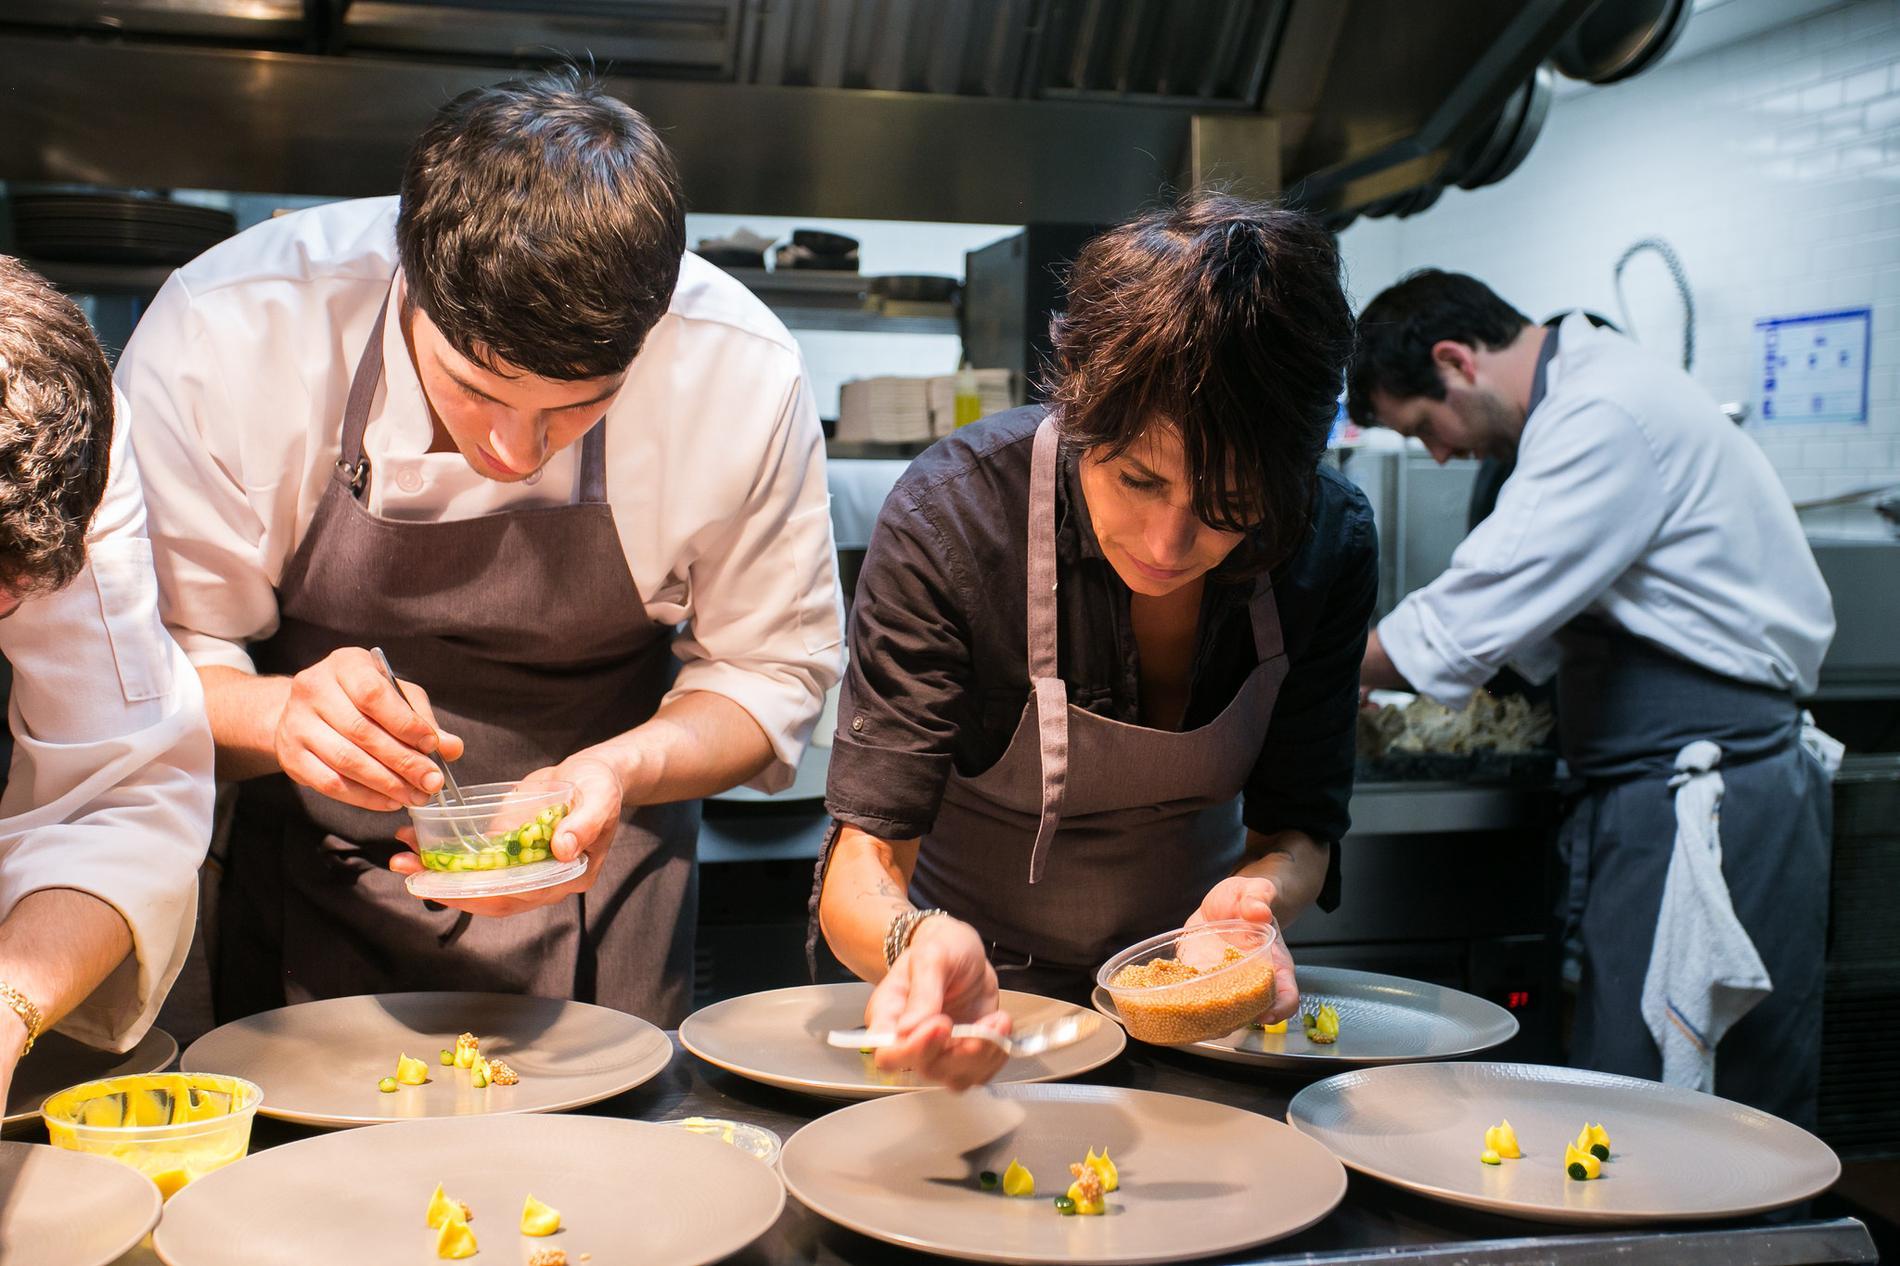 Dominique crenn est lue meilleure femme chef au monde cuisine madame figaro - Meilleur cuisine au monde ...